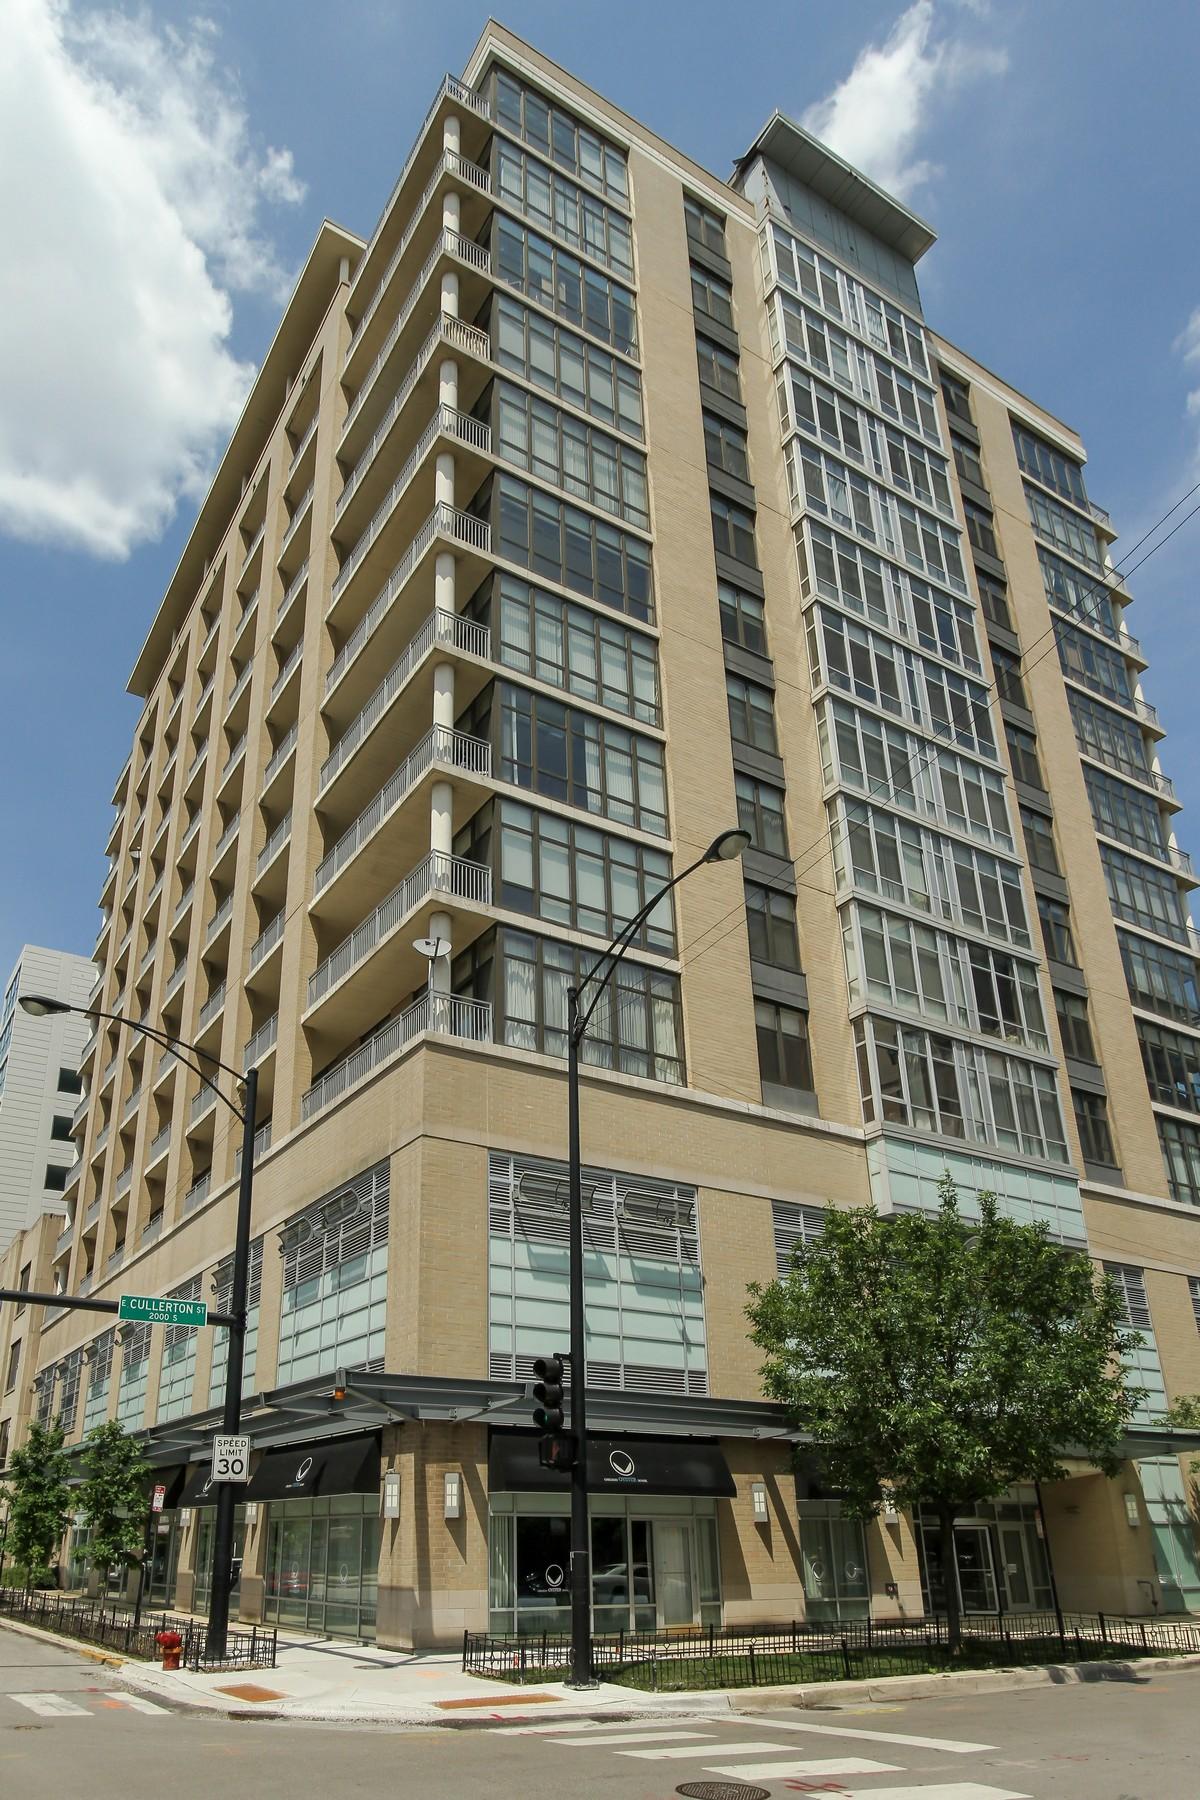 Eigentumswohnung für Verkauf beim Amazing City and Lake Views! 212 E Cullerton Street Unit PH-11 Near South Side, Chicago, Illinois, 60616 Vereinigte Staaten